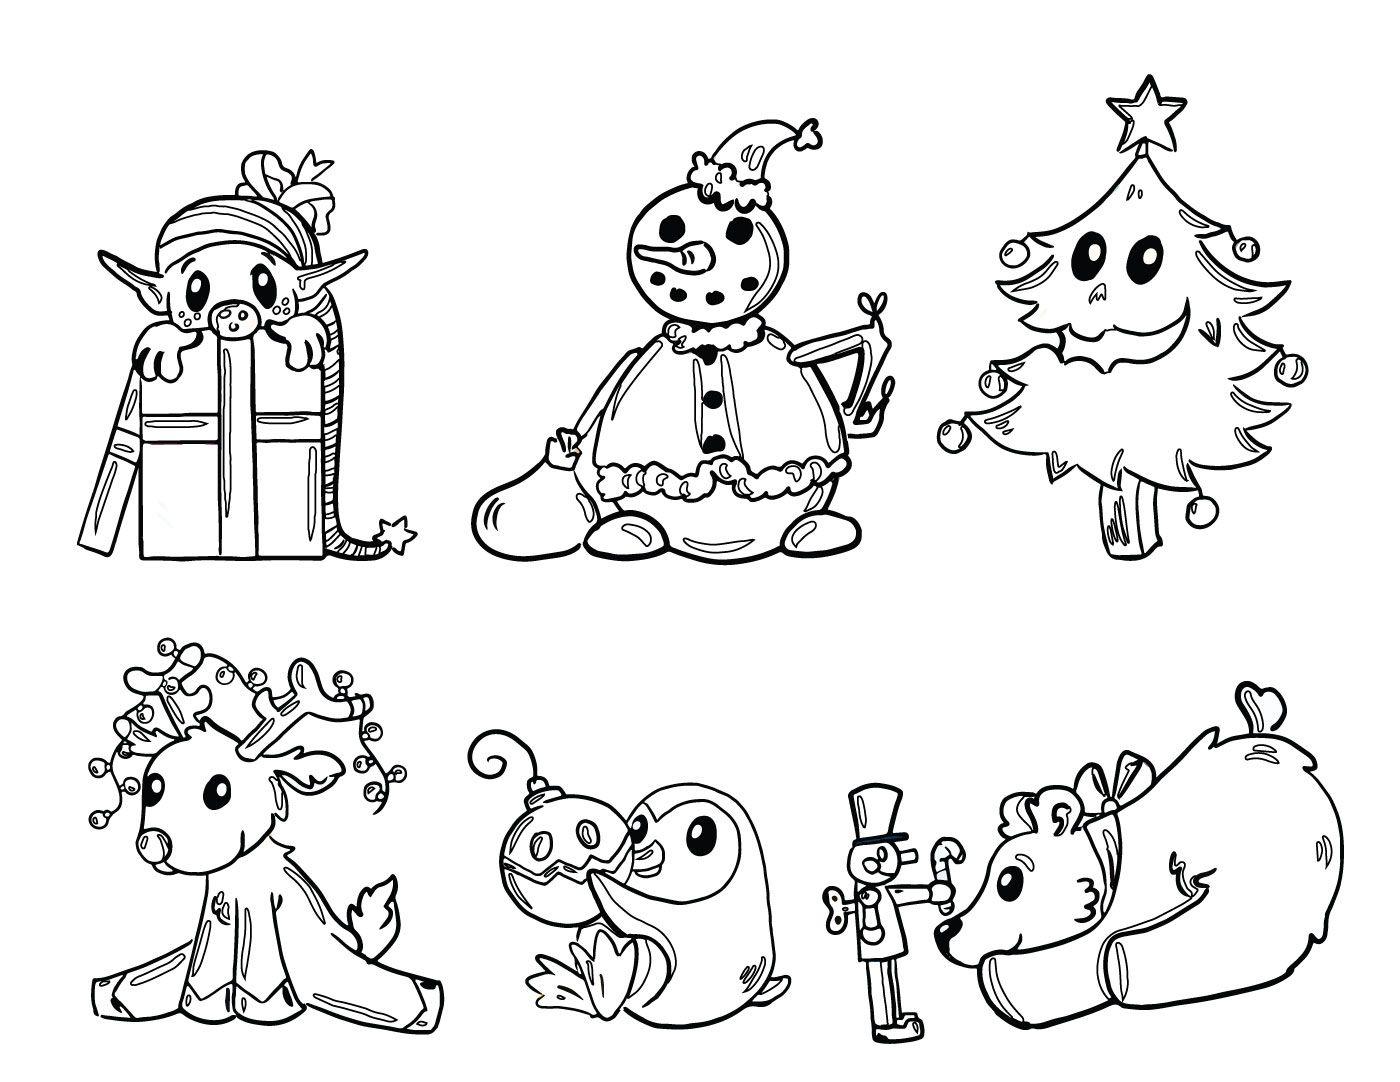 Dessin Des Amis Du Père Noel À Imprimer Gratuit encequiconcerne Dessin A Imprimer Pere Noel Gratuit